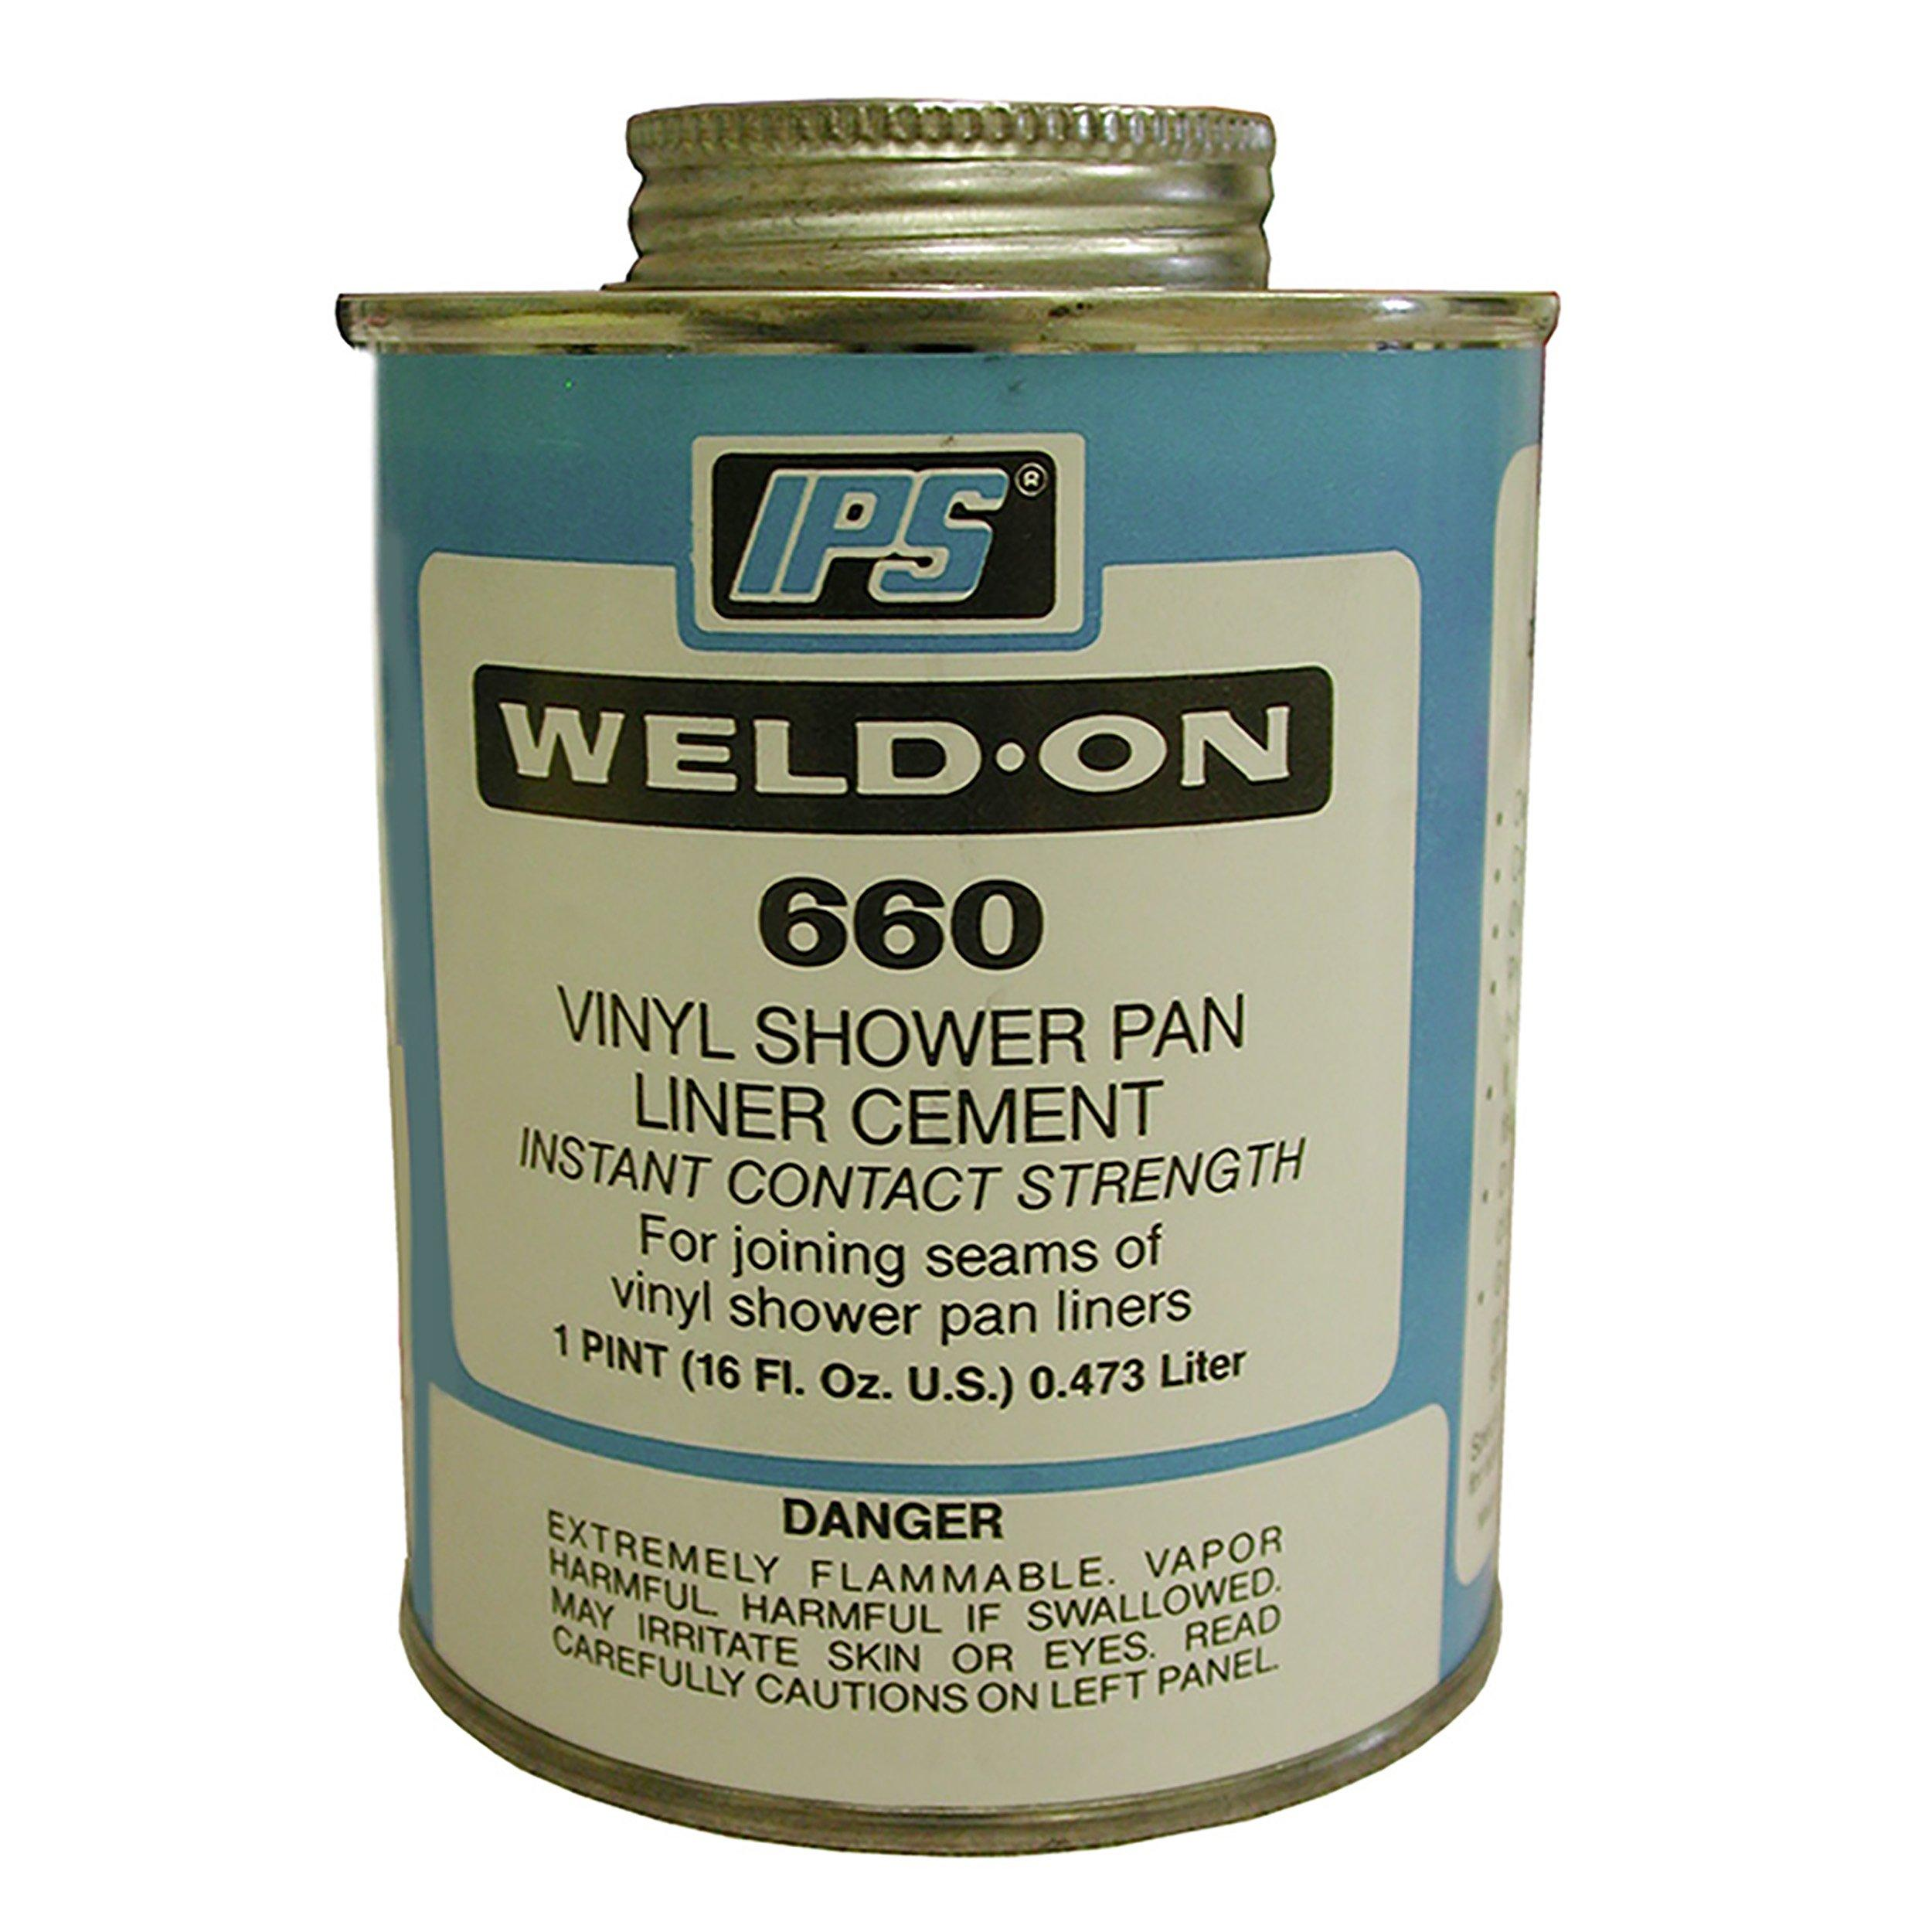 PlumBest IPS Vinyl Shower Pan Liner Cement   1pt.   951500133 | Floor And  Decor